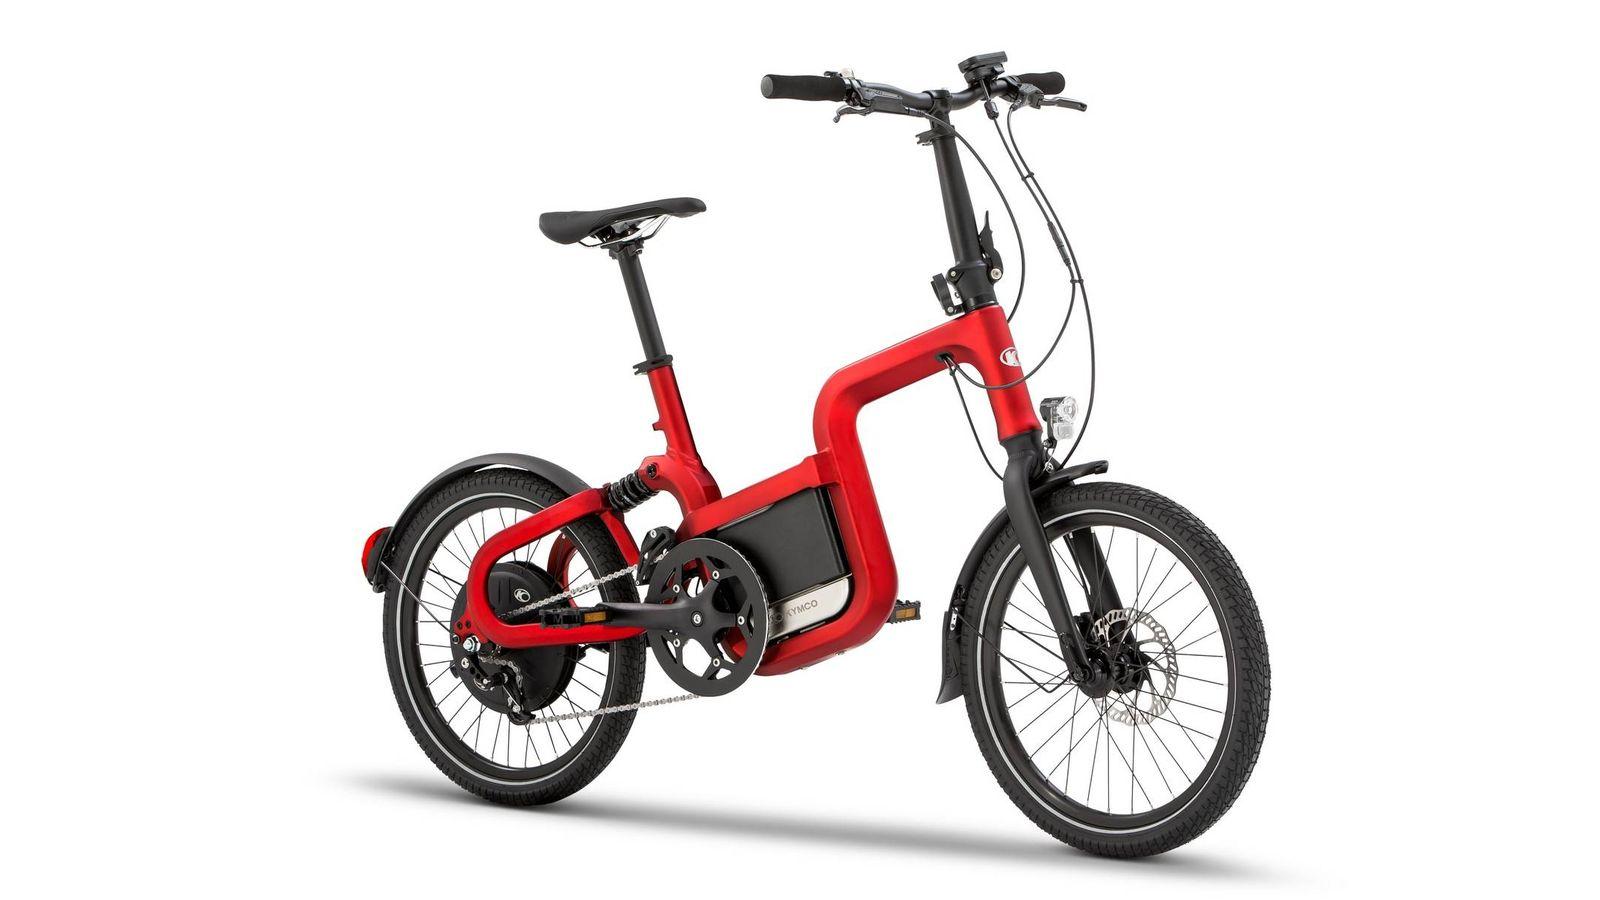 Foto: KYMCO Q-lite, la versión de acceso a la nueva gama de e-bikes de la firma taiwanesa.